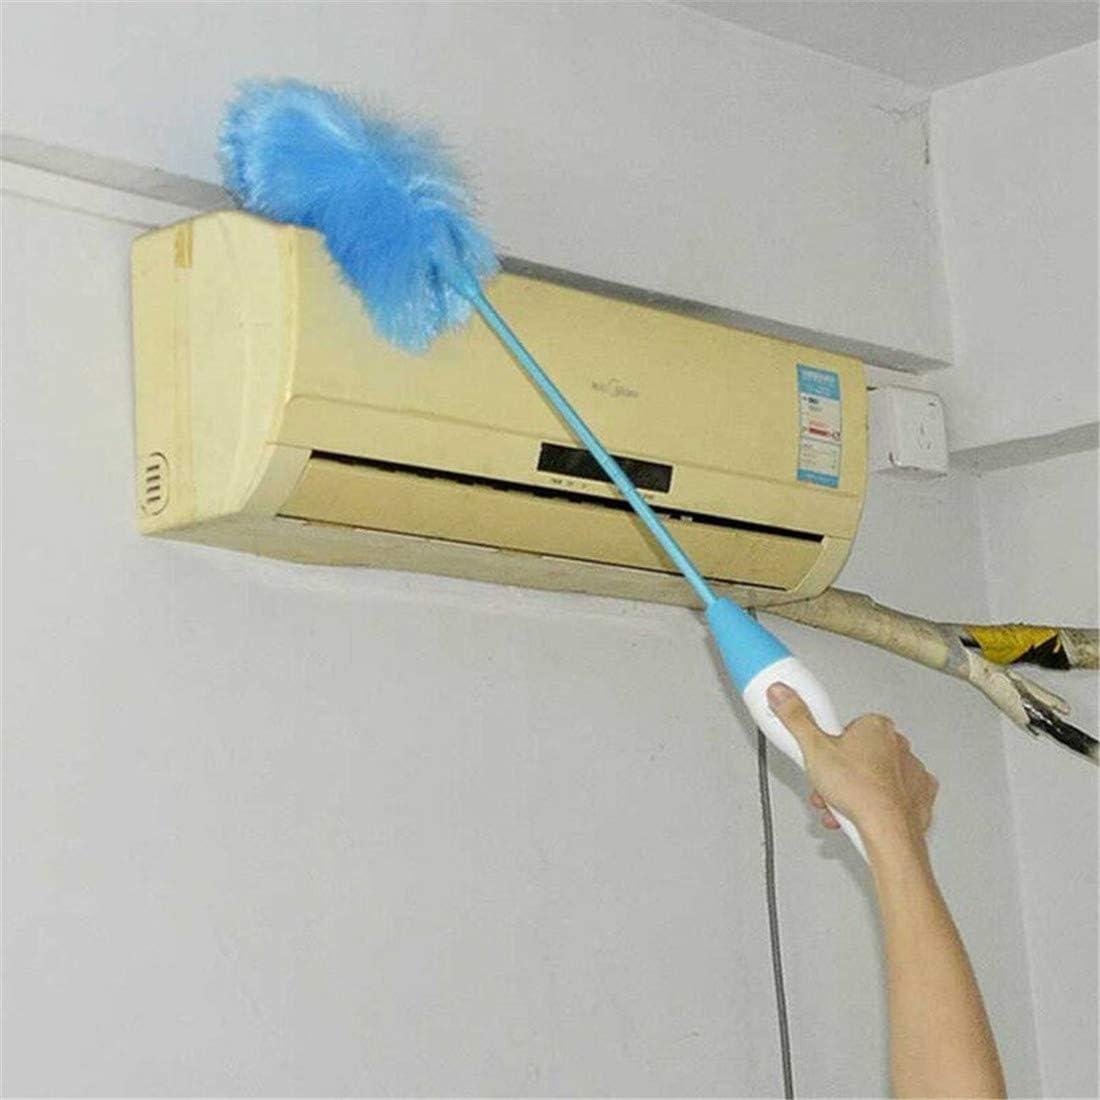 batteria /Spolverino elettrico regolabile a 360 gradi per pulizia Spazzola motorizzata a parete per finestre Spolverino Spolverino manuale per la pulizia di ragnatele su ventole a soffitto alto